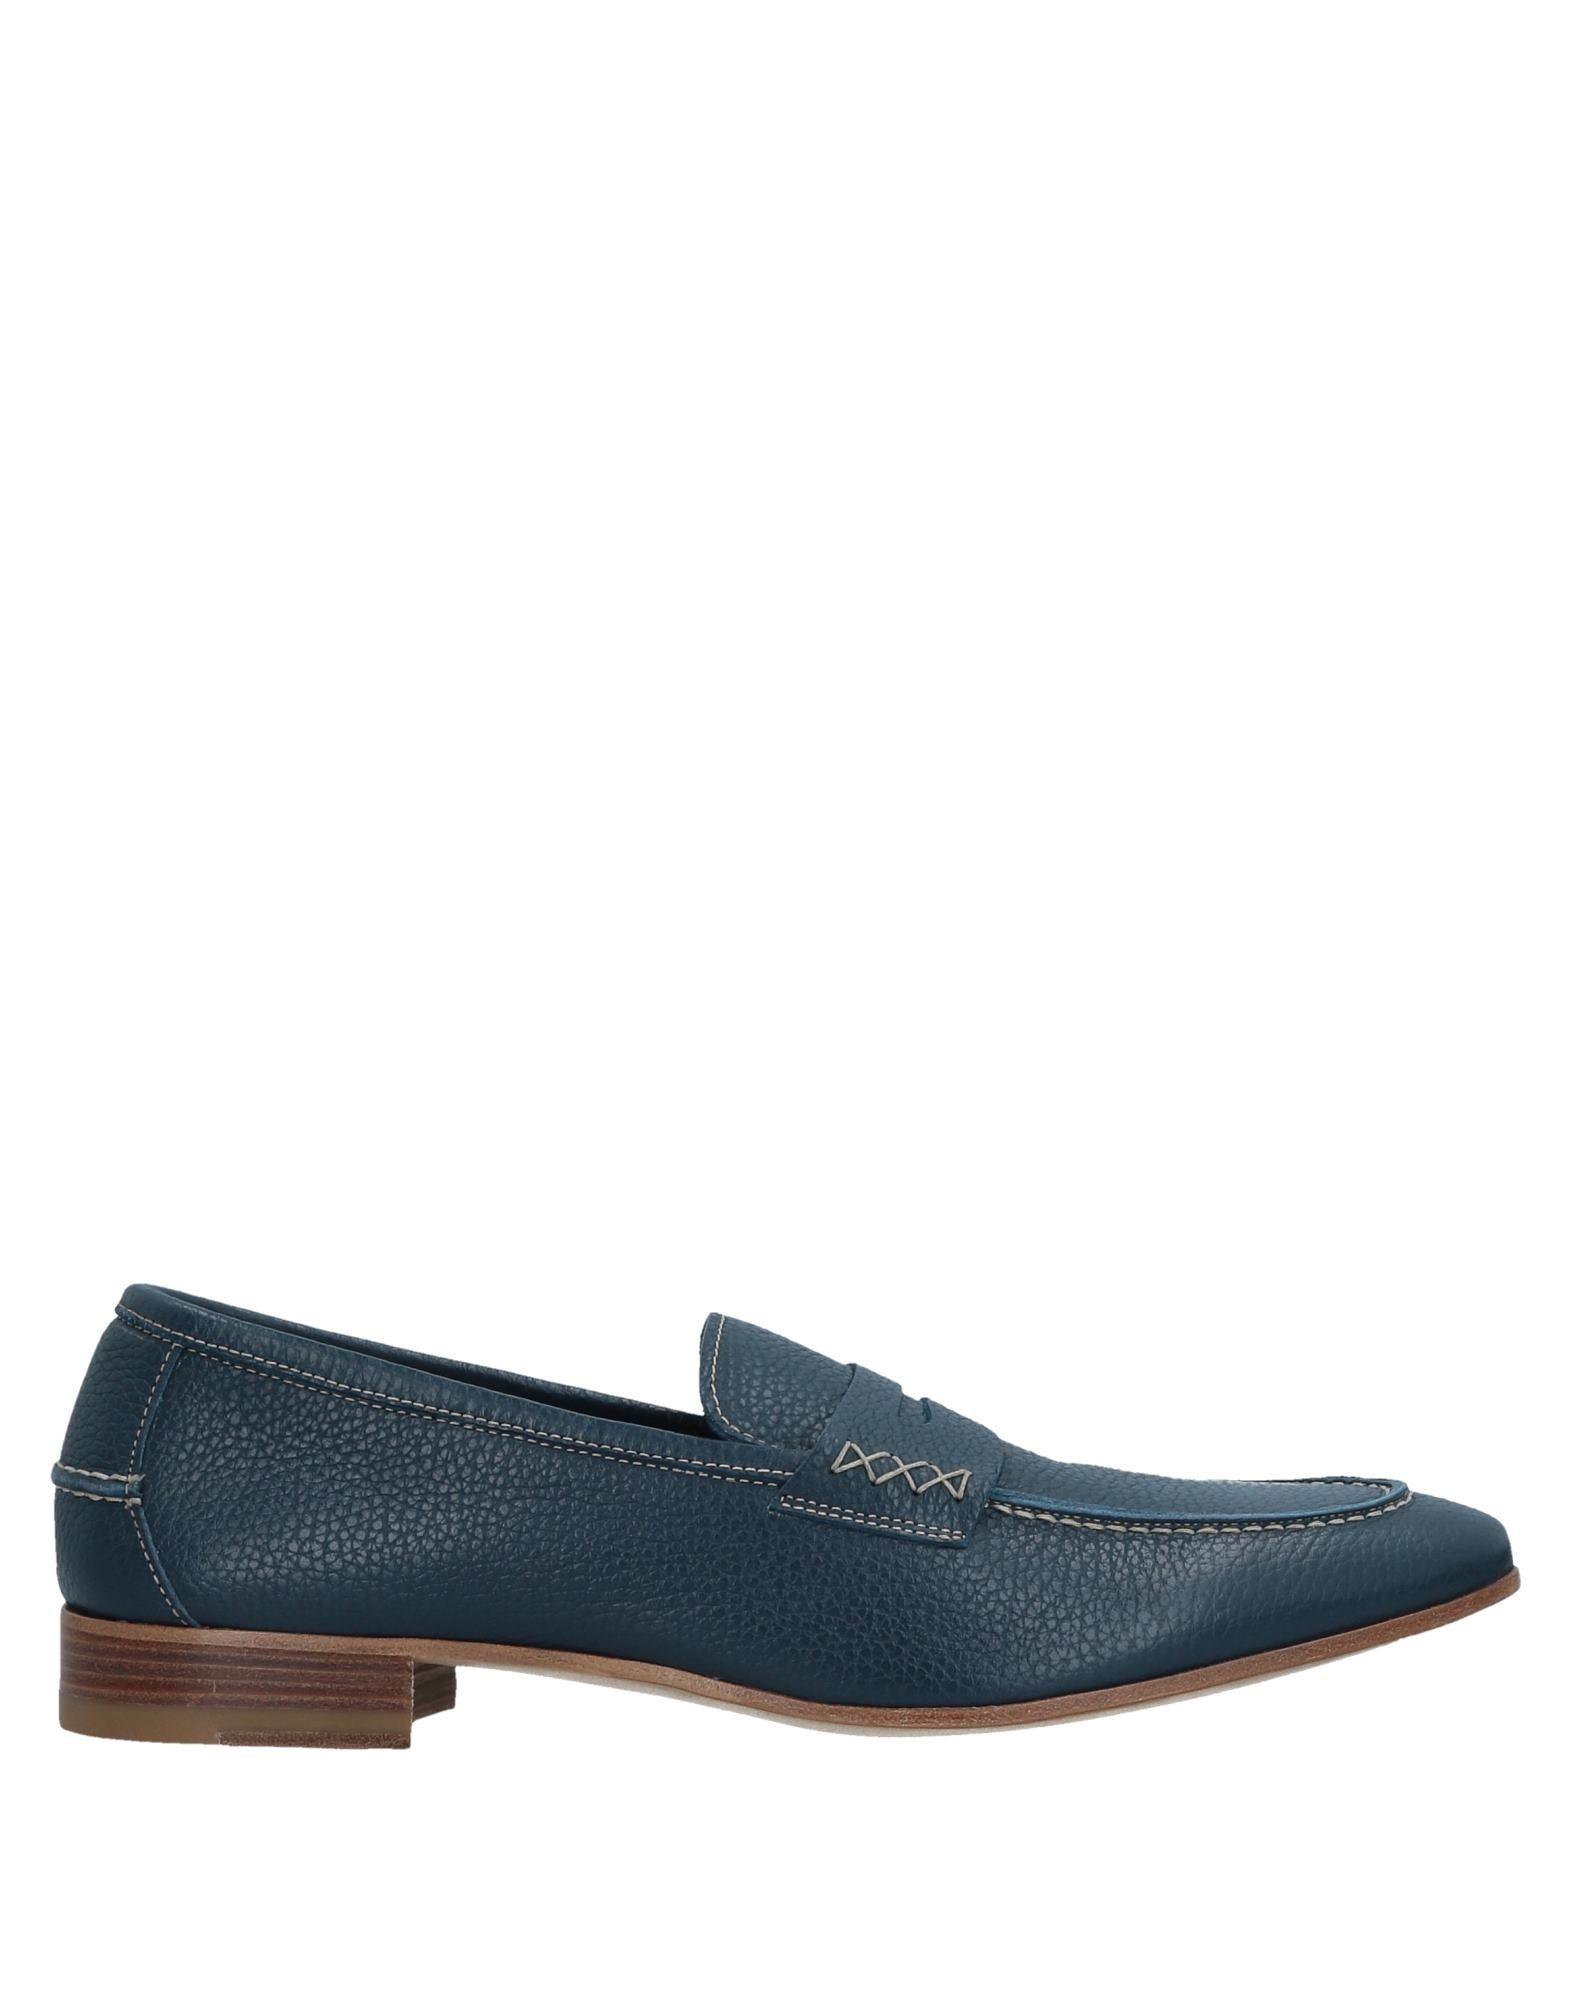 Pollini Mokassins Herren  11522935TQ Gute Qualität beliebte Schuhe